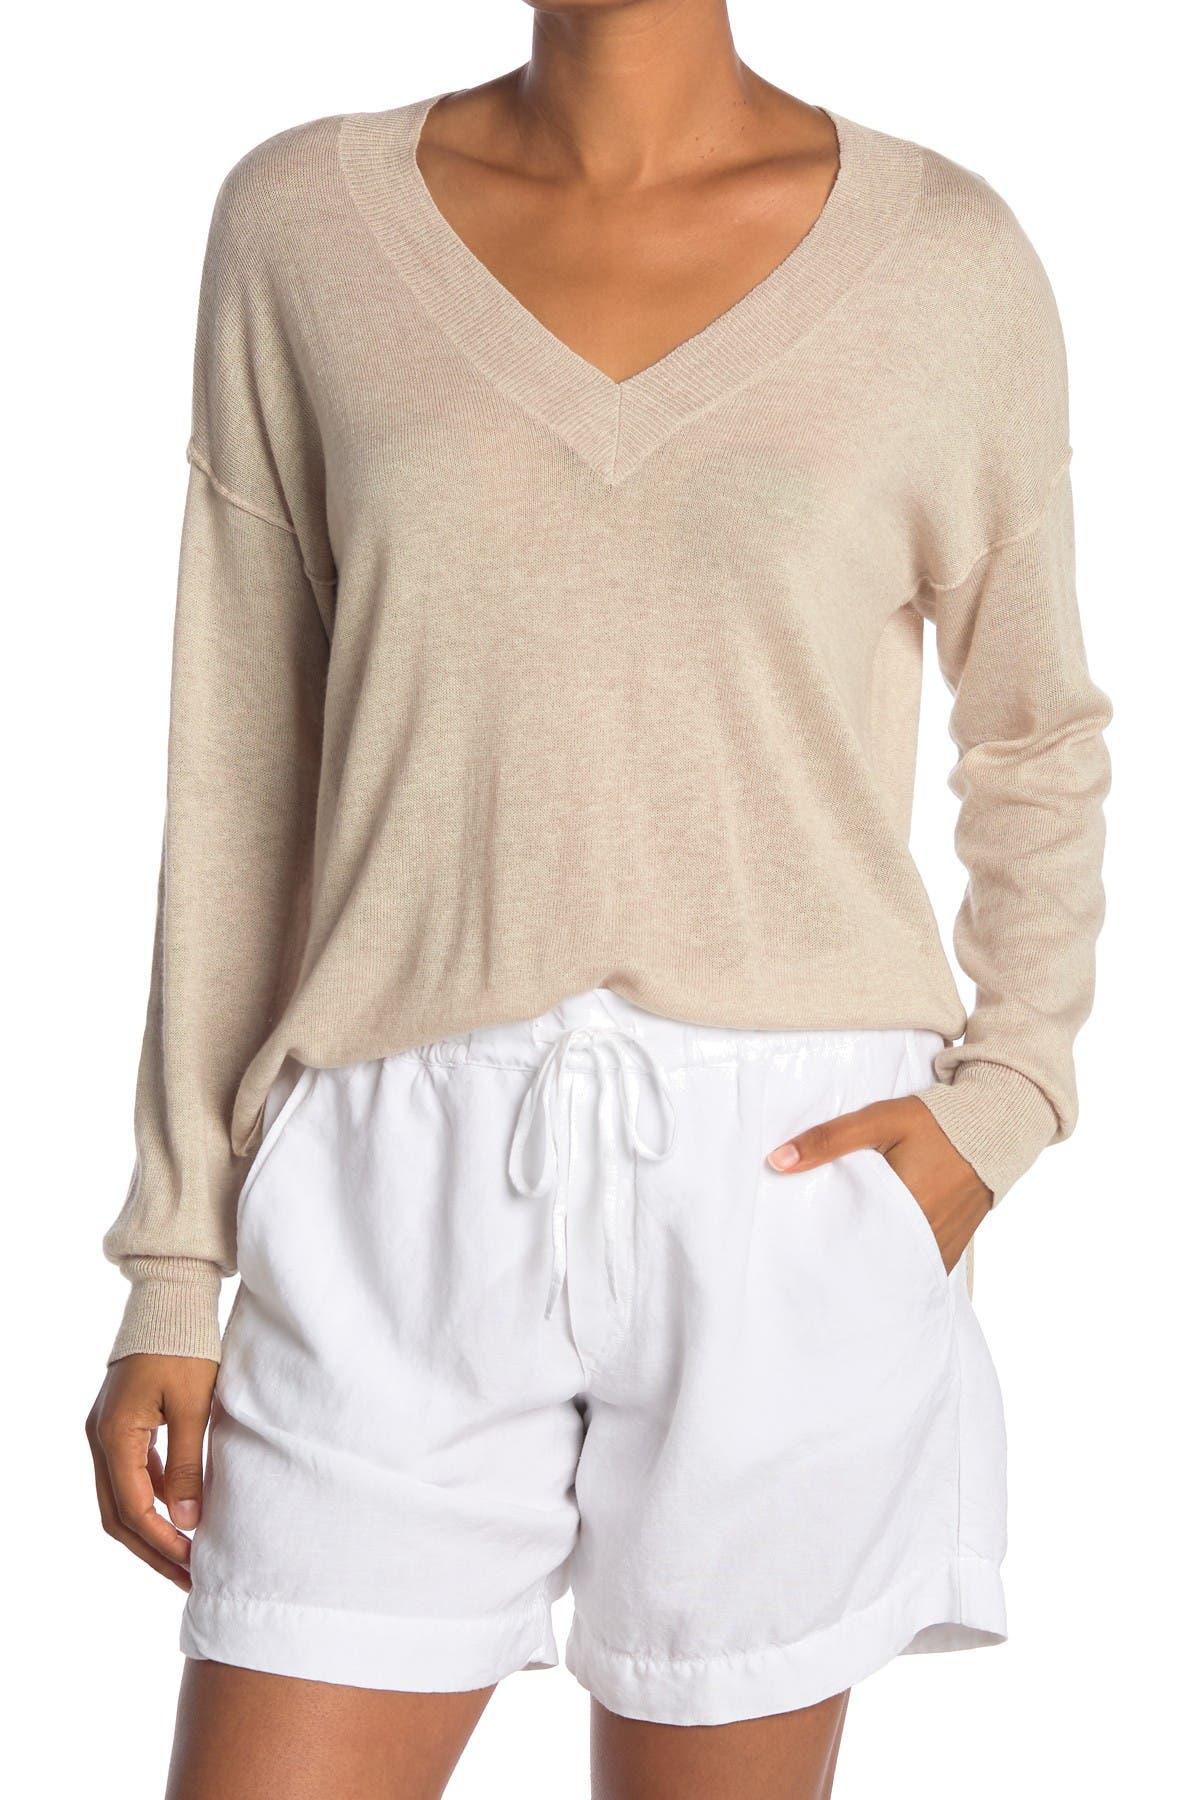 Image of NSF CLOTHING Keva Tissue V-Neck Sweater